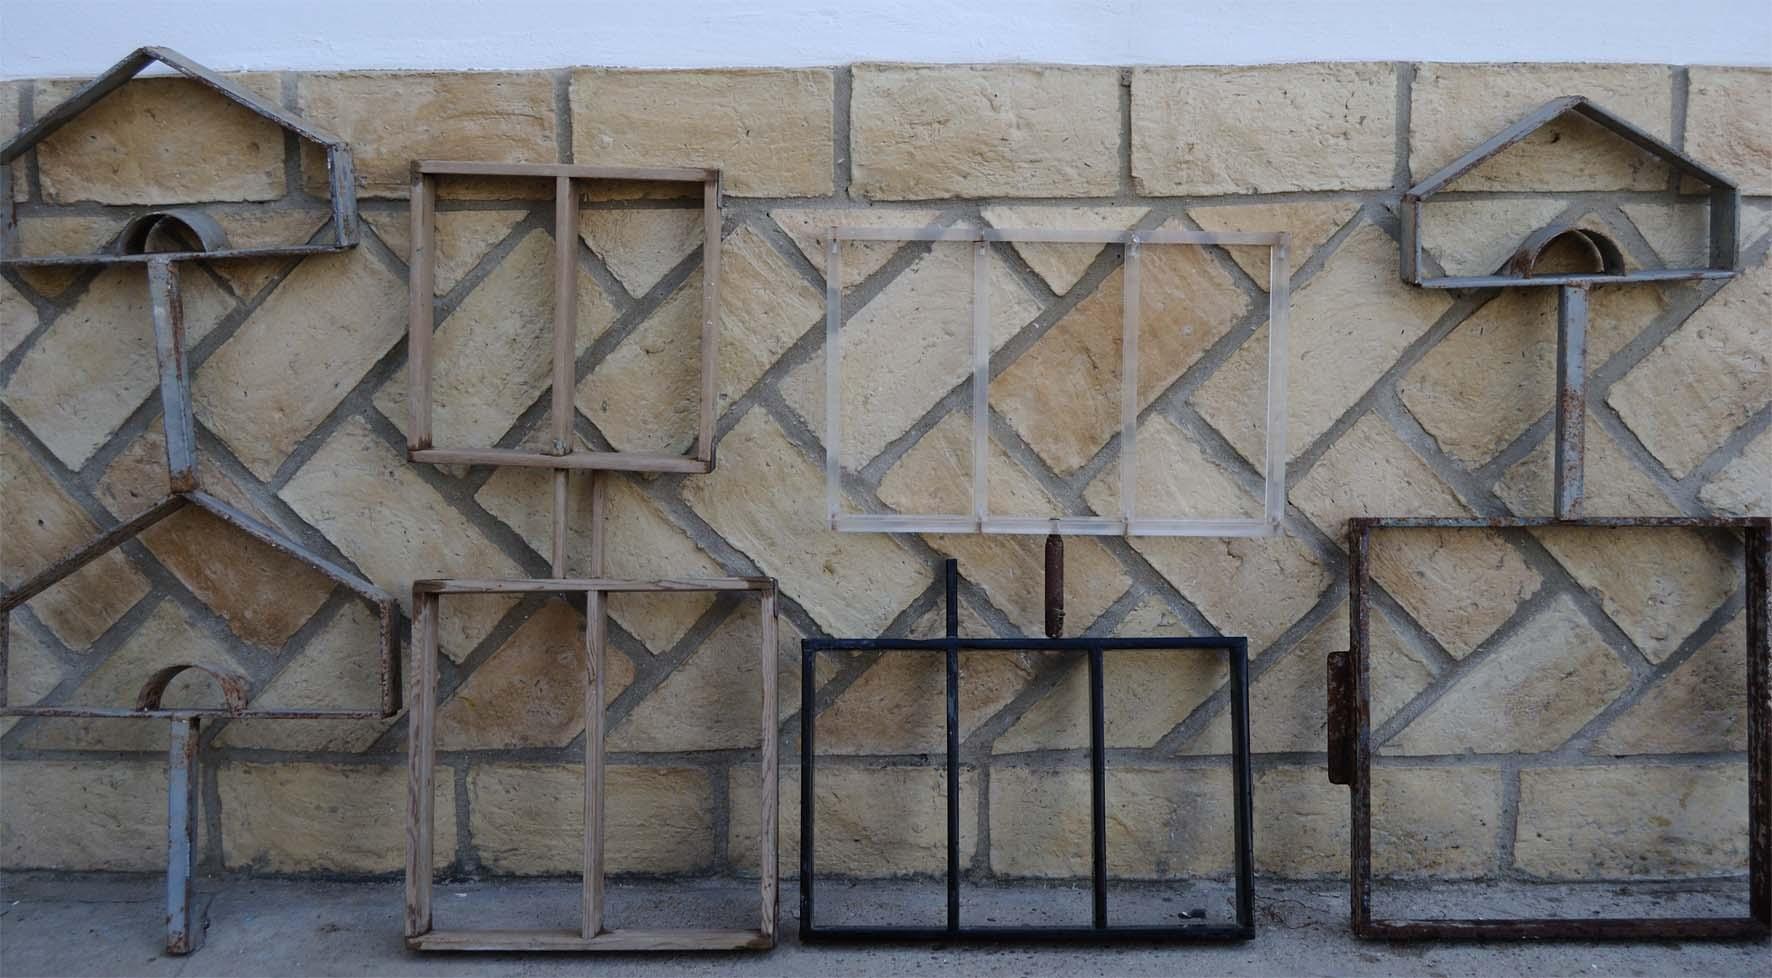 Ladrillo r stico coriano - Tipos de ladrillos ...